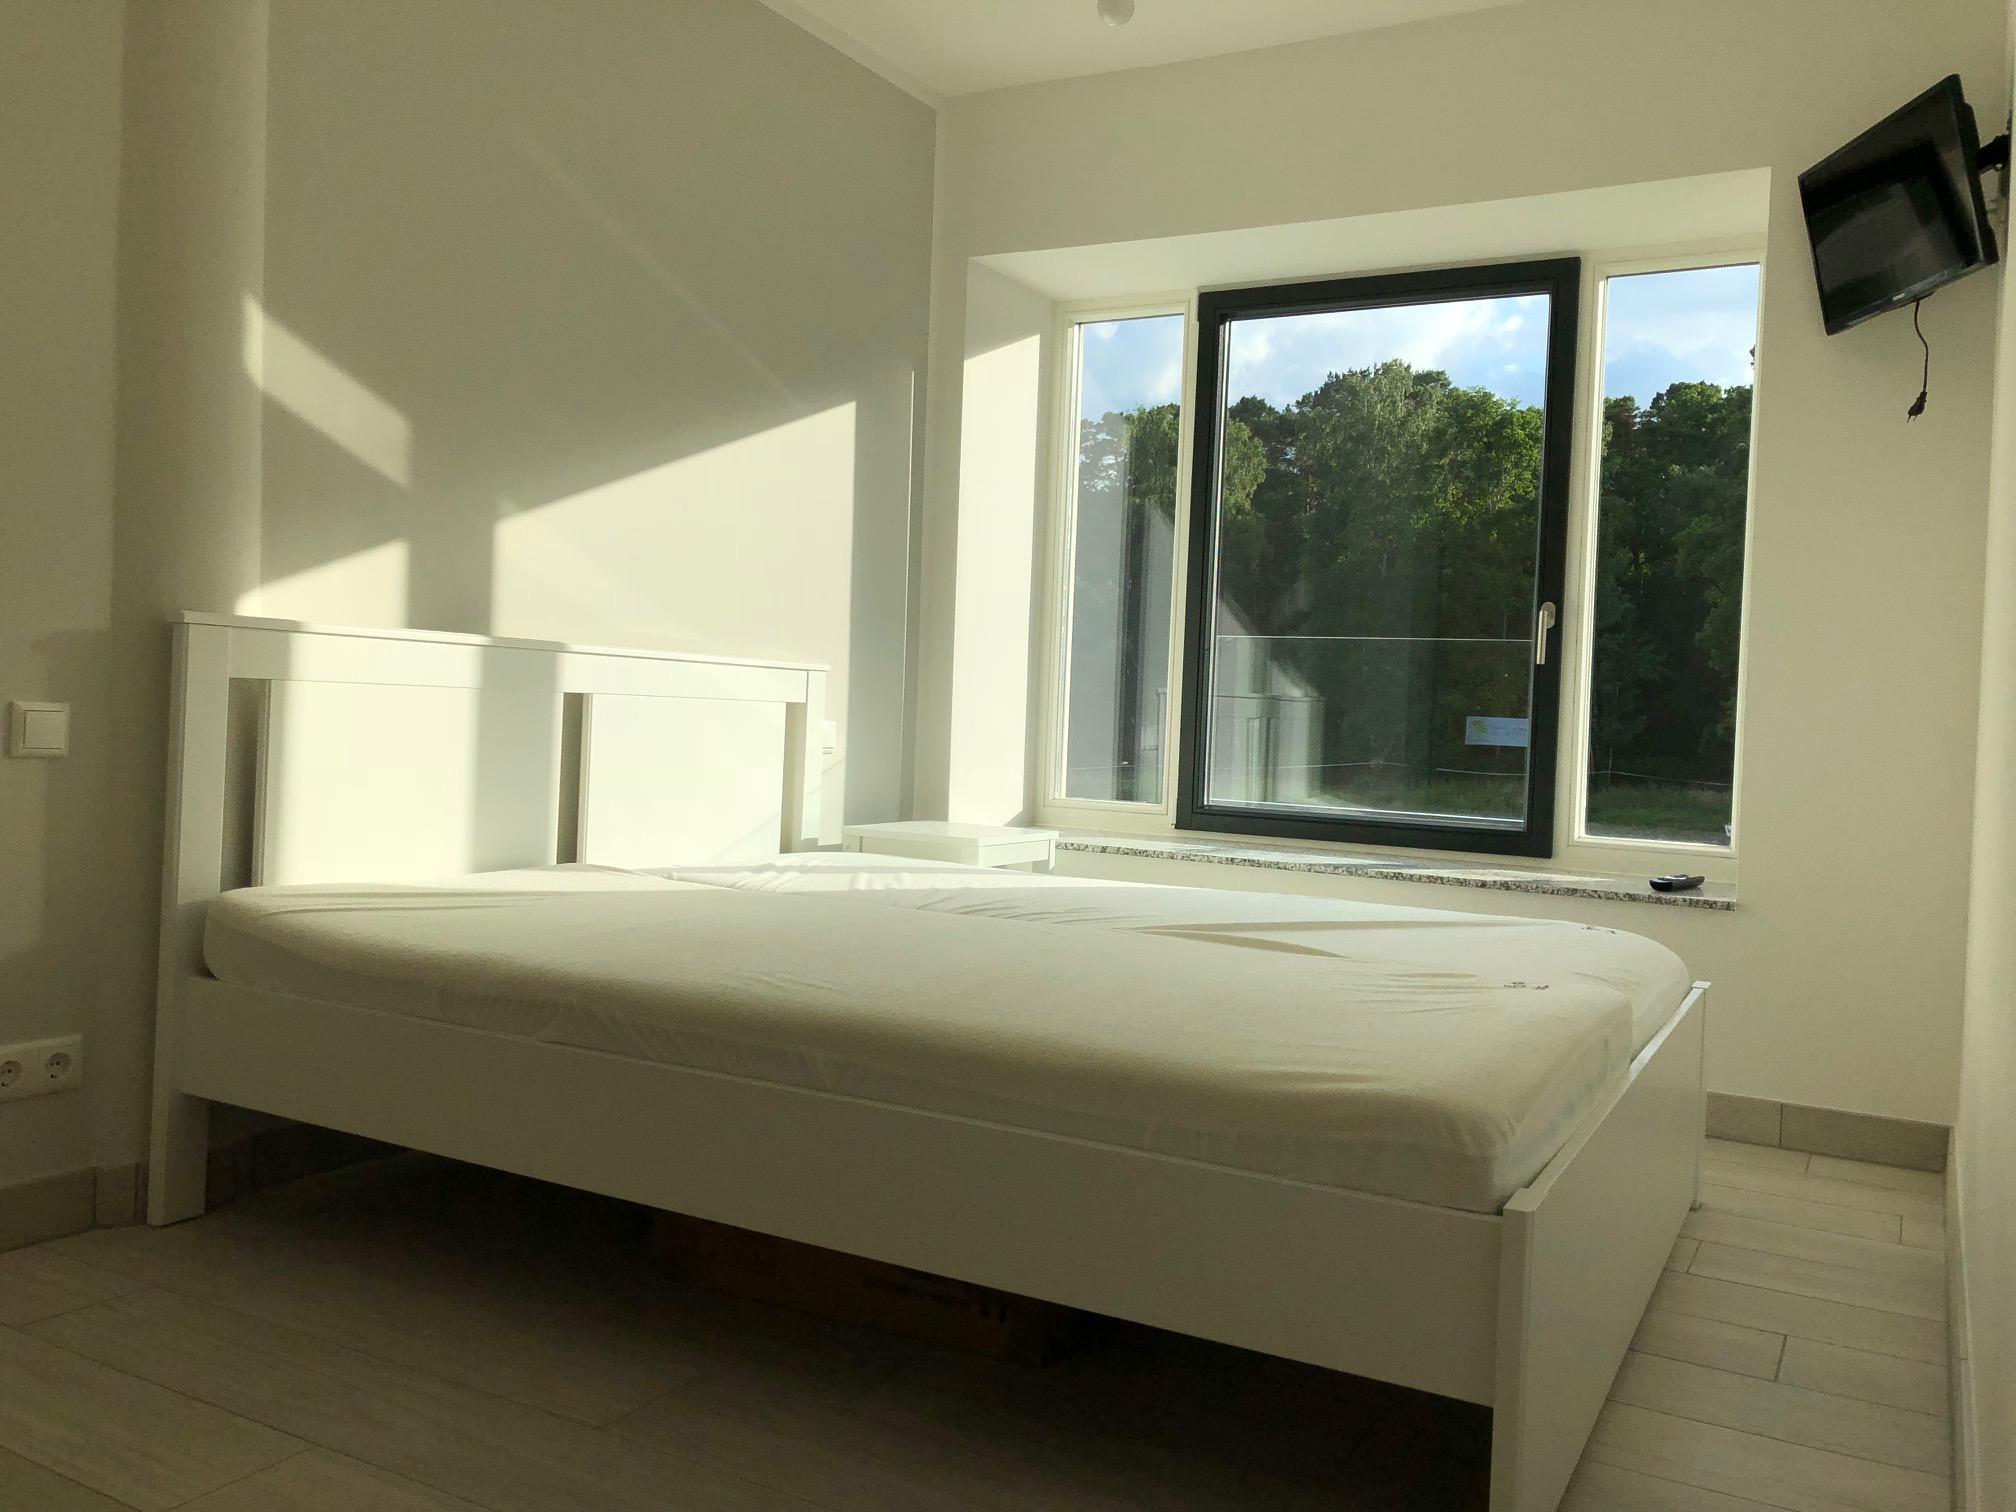 Schlafzimmer 2 mit weißem Doppelbett 160x200cm, Verdunklungsplissees vorhanden